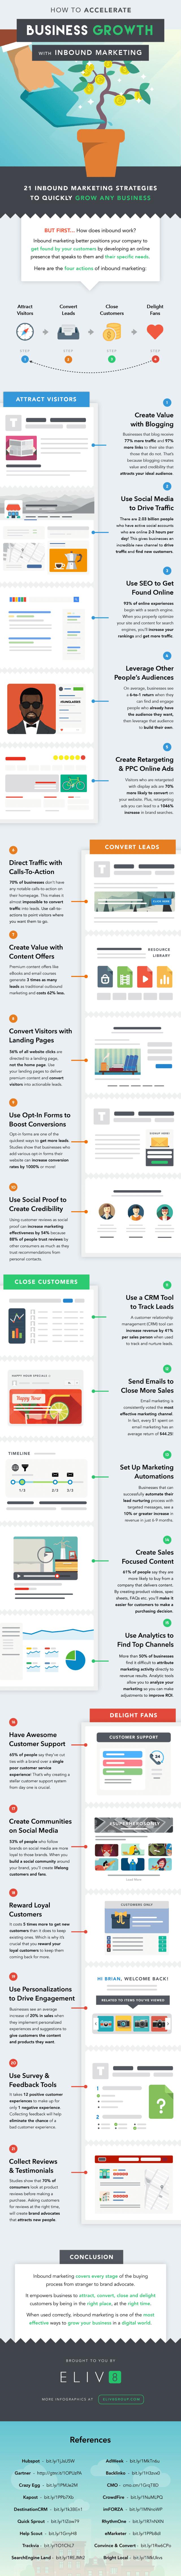 Inbound Marketing Strategies Infographic